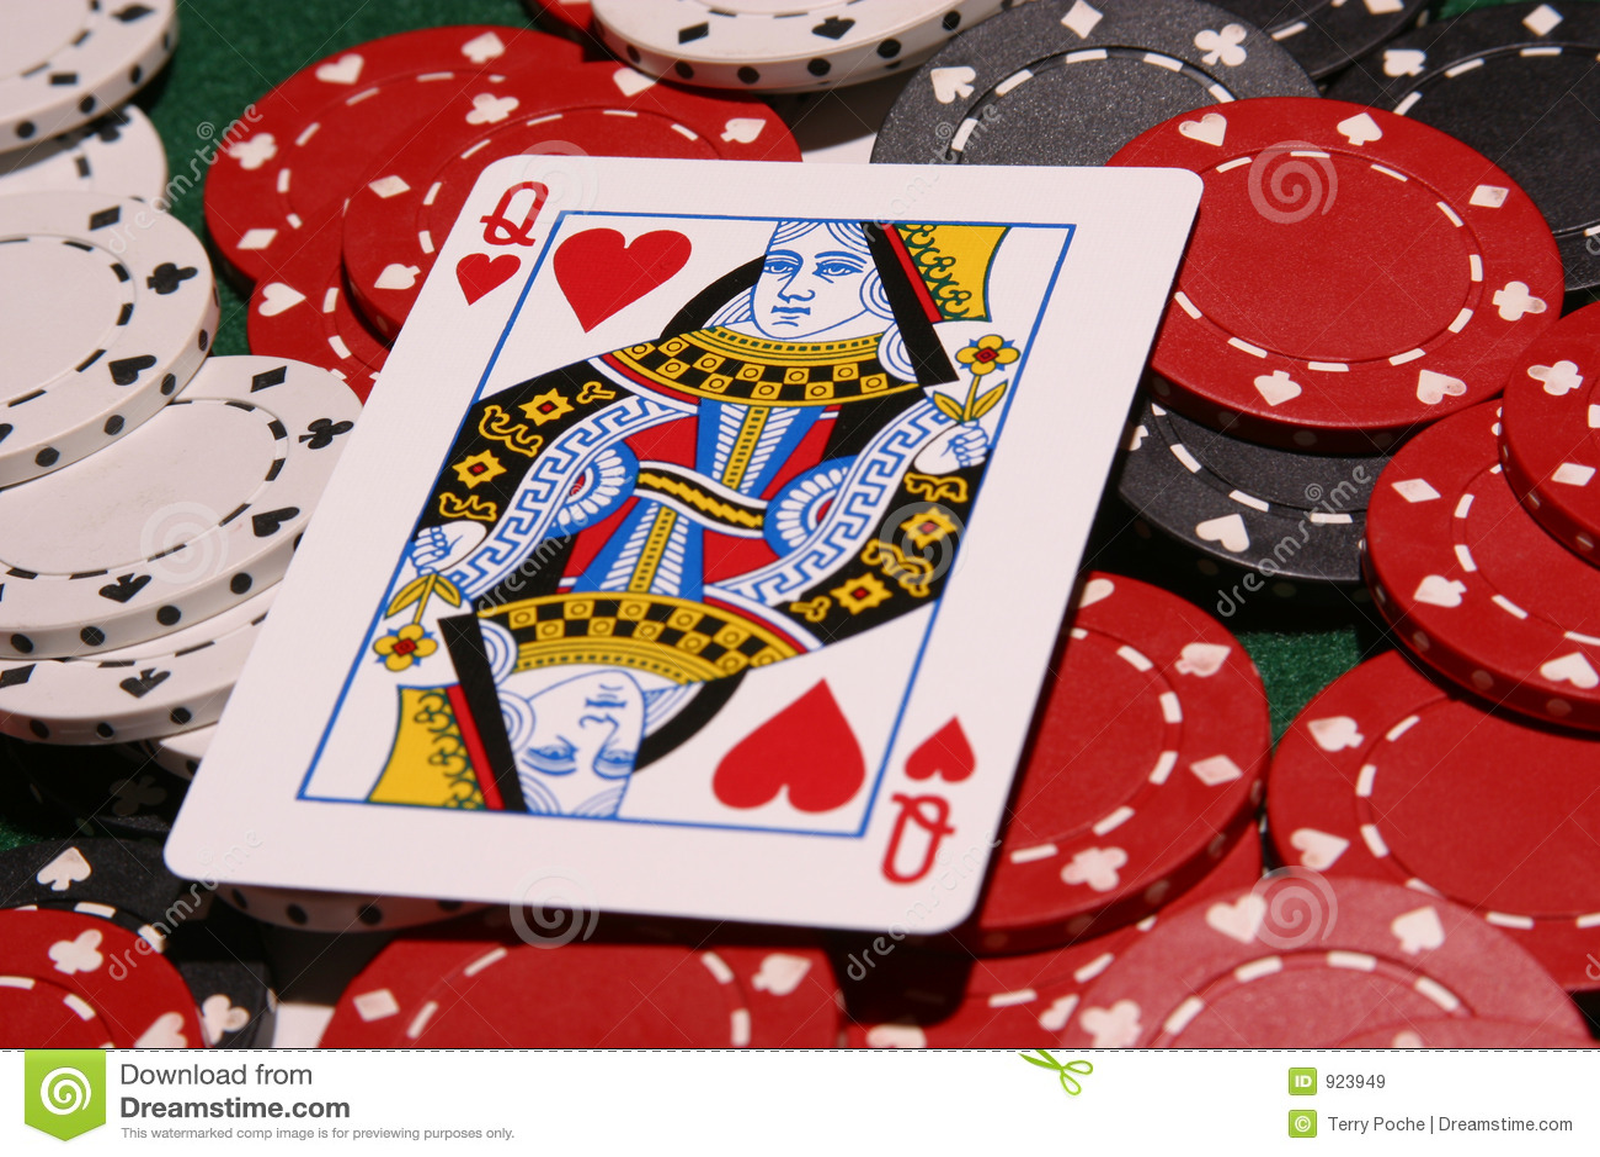 casino queen of hearts